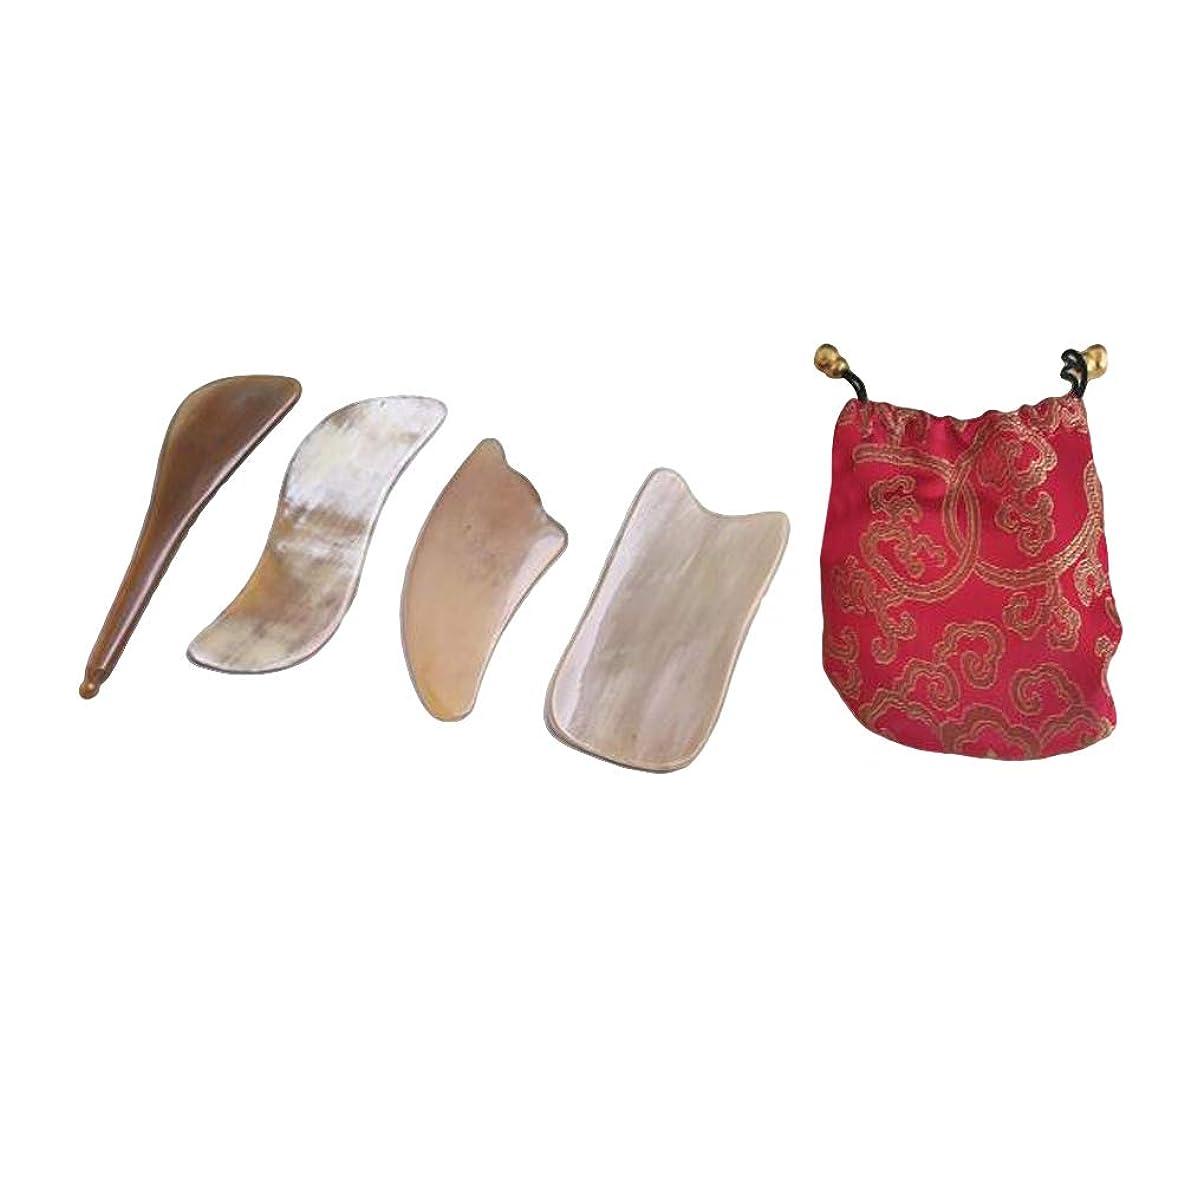 靄不毛引数SUPVOX 4本牛角ホアグアシャ削りマッサージツールフェイシャルグアシャボードでドローストリングバッグ用スパリラックス瞑想